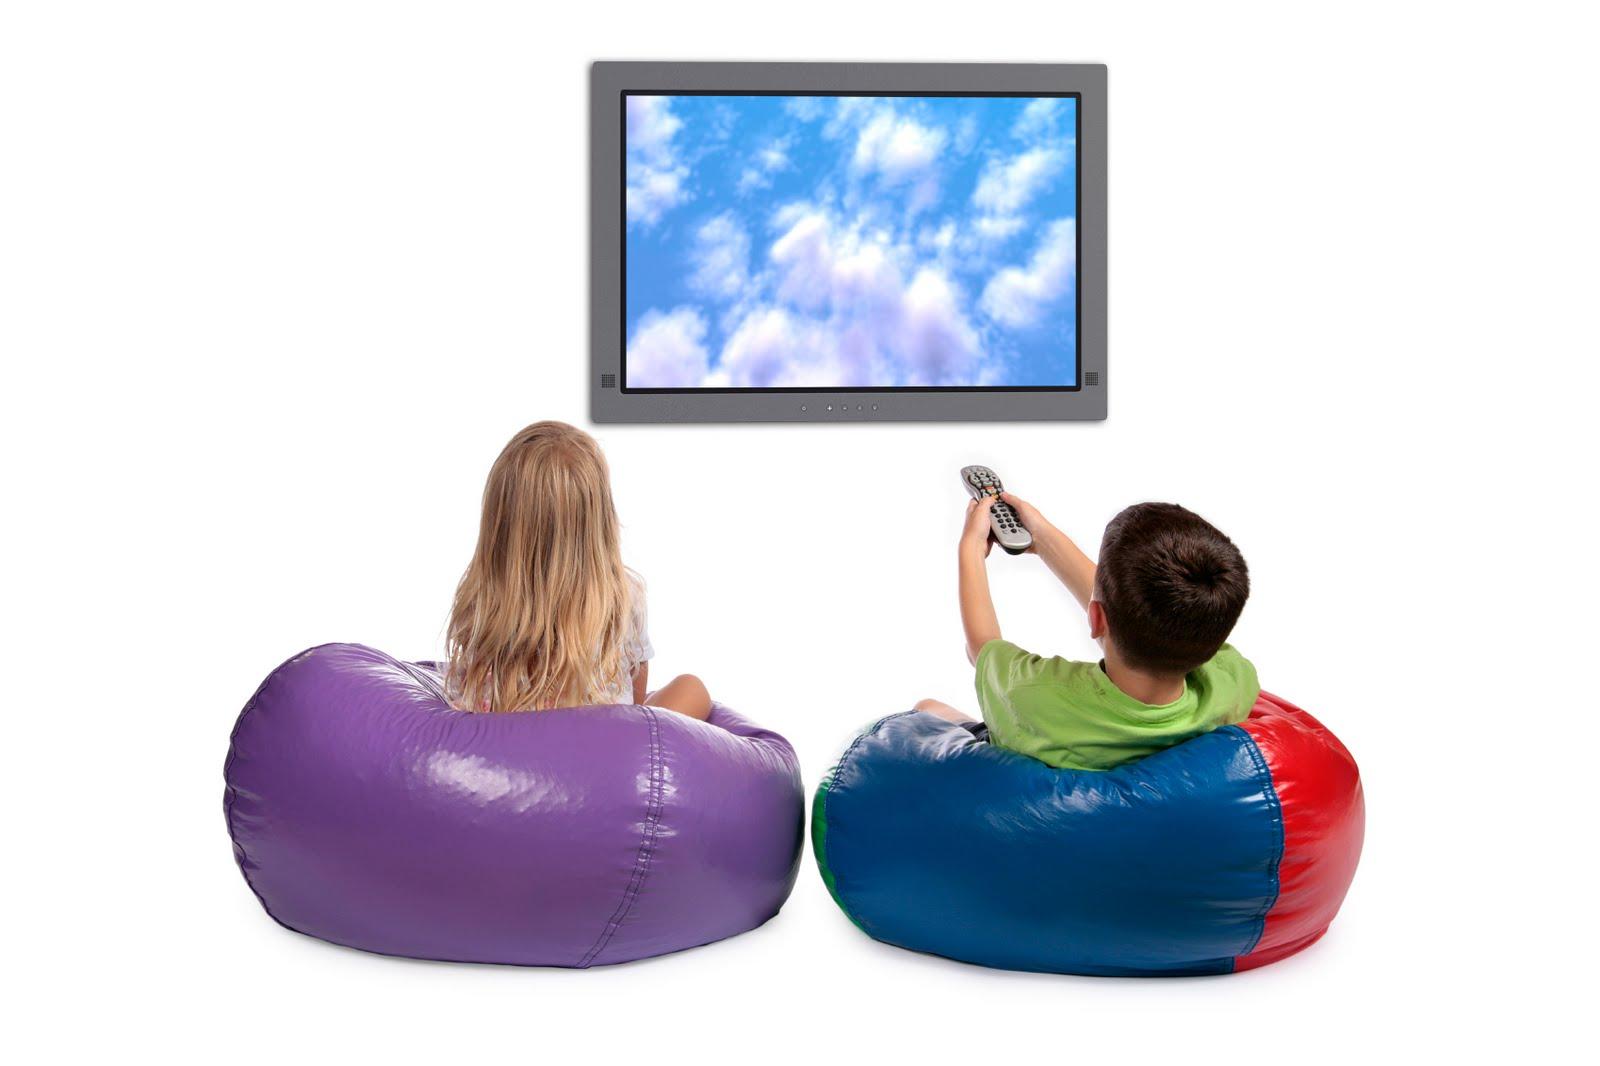 Children and watching tv